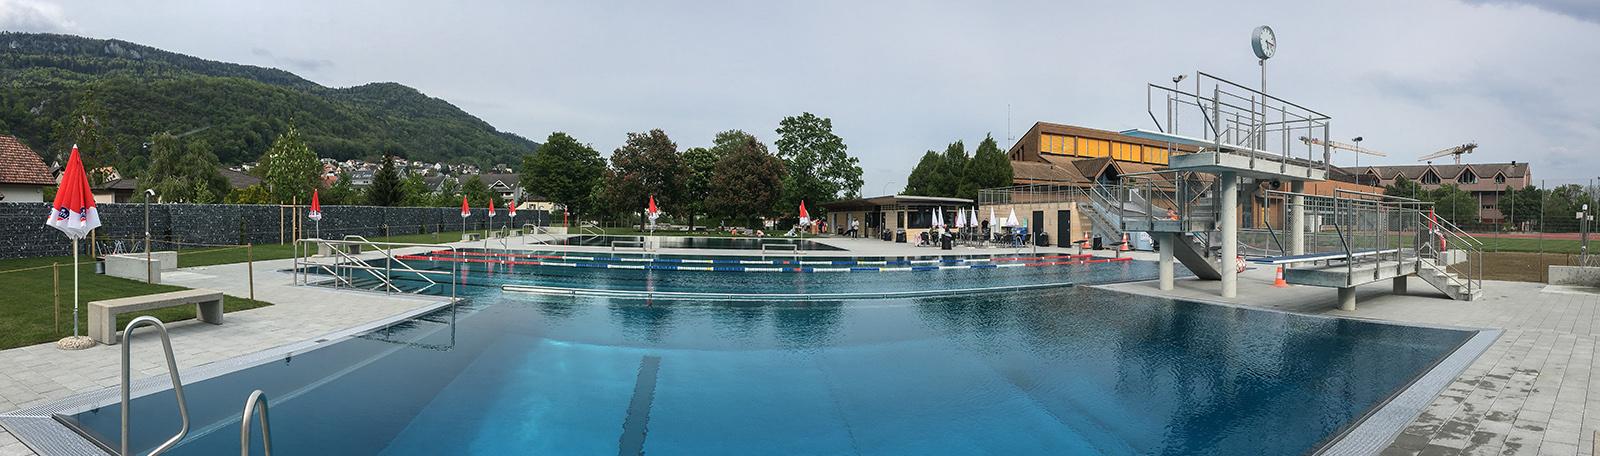 Schwimmbad Mühlematt